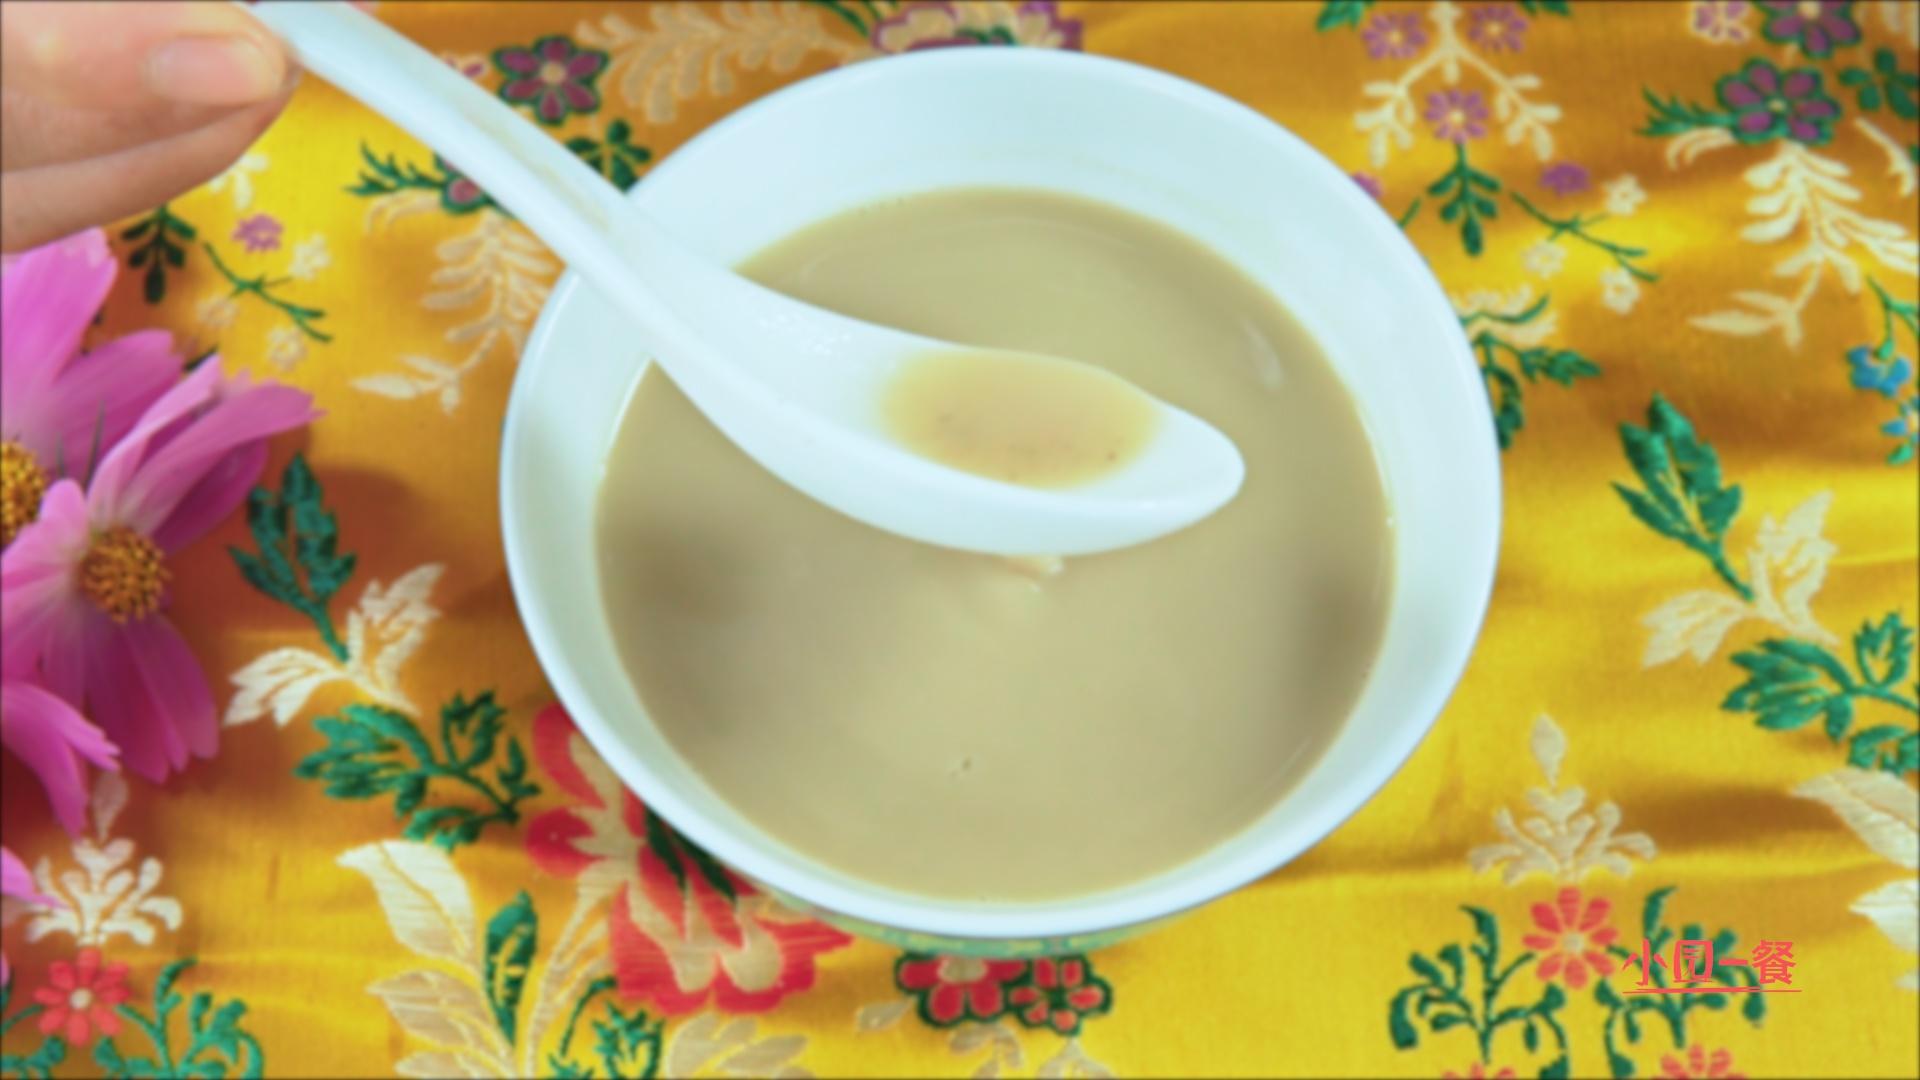 清平乐中七宝擂茶,花生米、芝麻、绿豆、红豆七种食材汇聚浓香